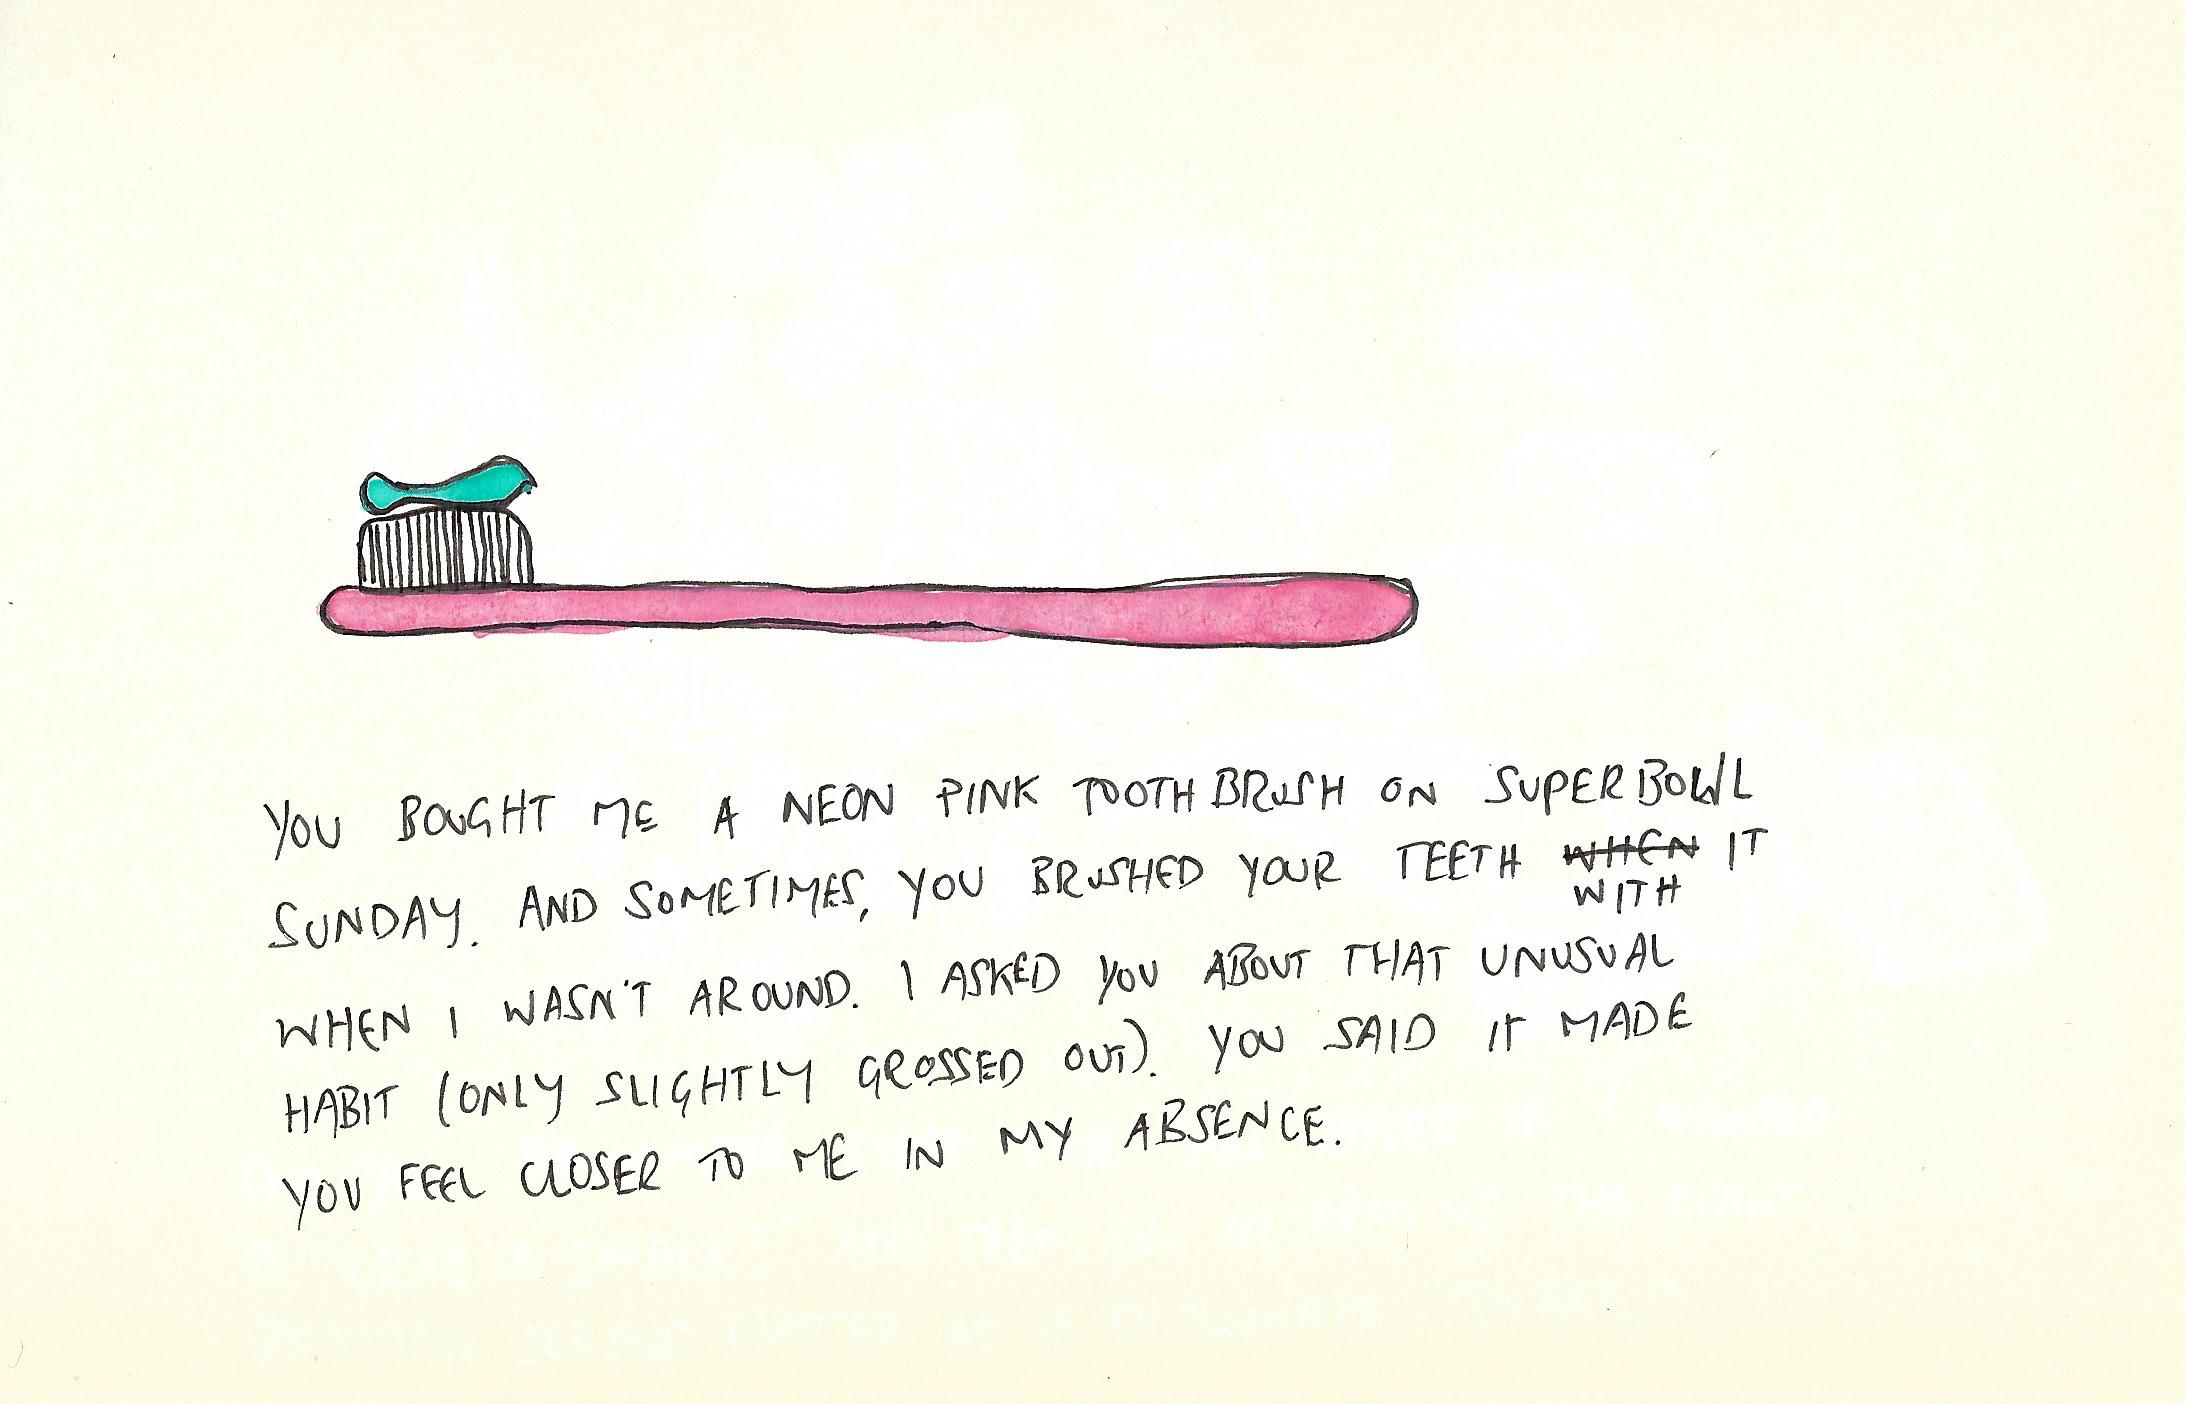 08 Superbowl Toothbrush.jpeg